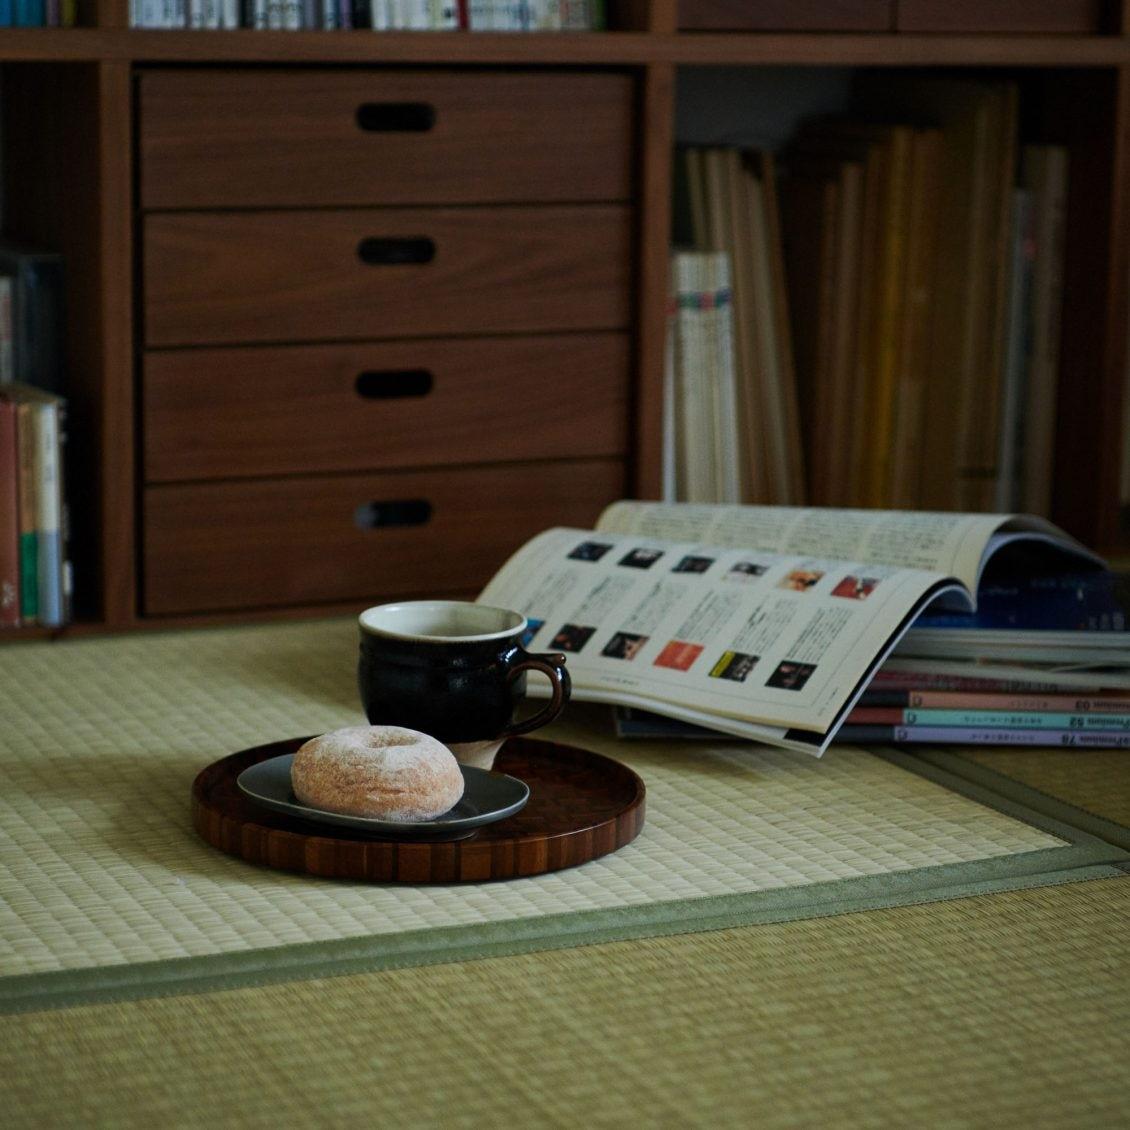 【今日、何しよう?】第2話:古い雑誌のミニコーナーをまとめ読み。コーヒー休憩しながらの、贅沢なじかん